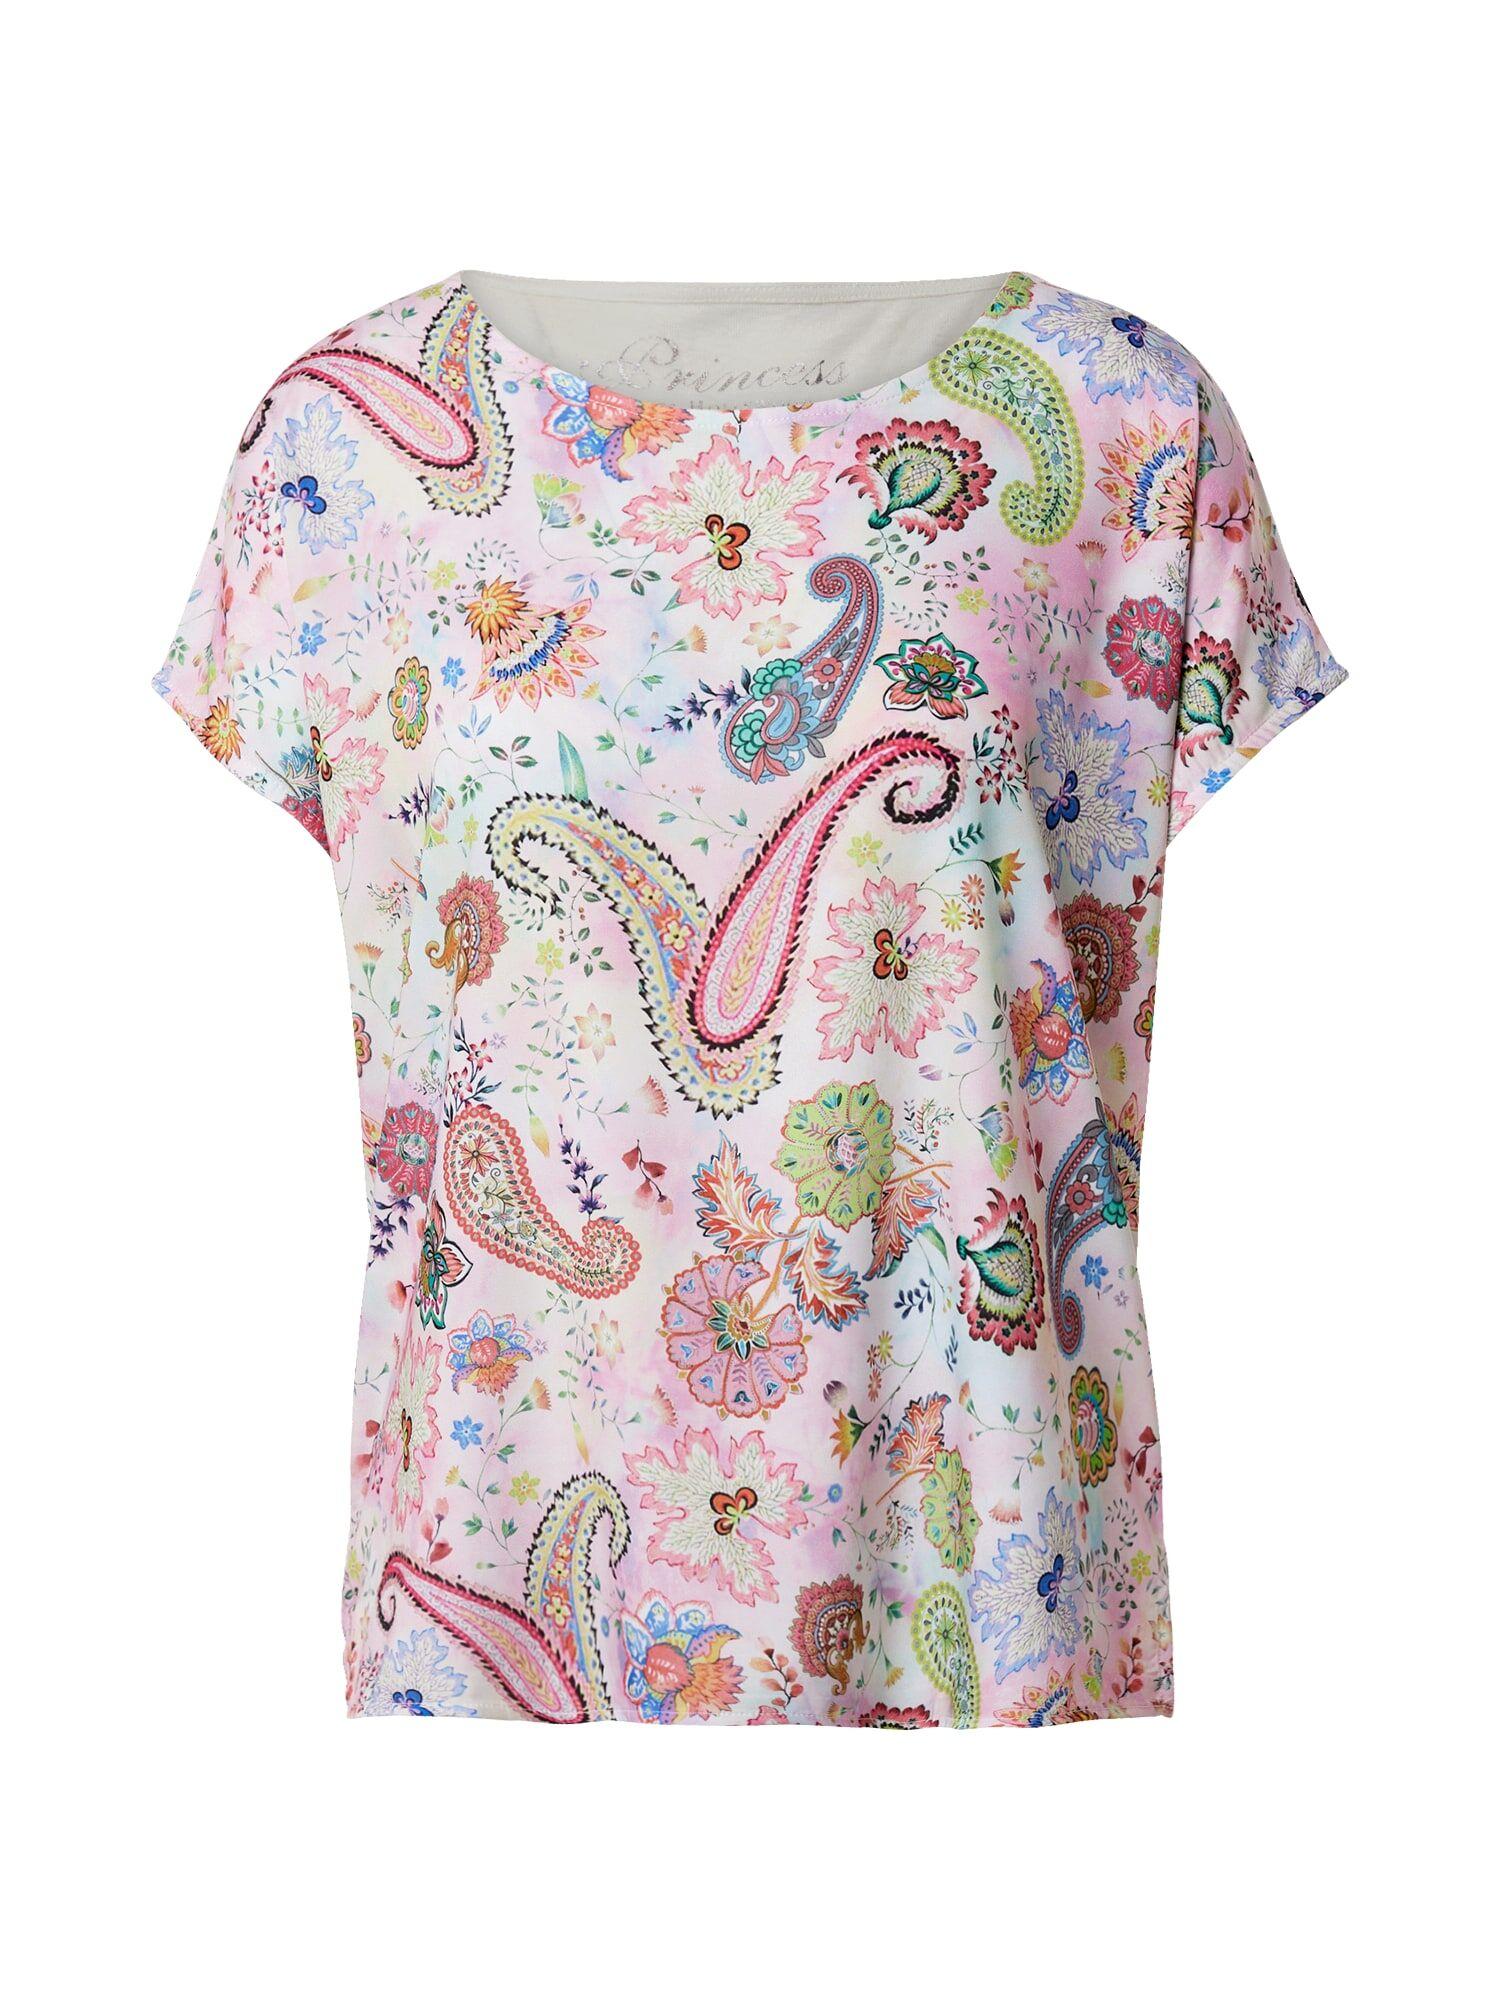 Princess T-shirt 'Paisley'  - MéLange De Couleurs - Taille: 34 - female